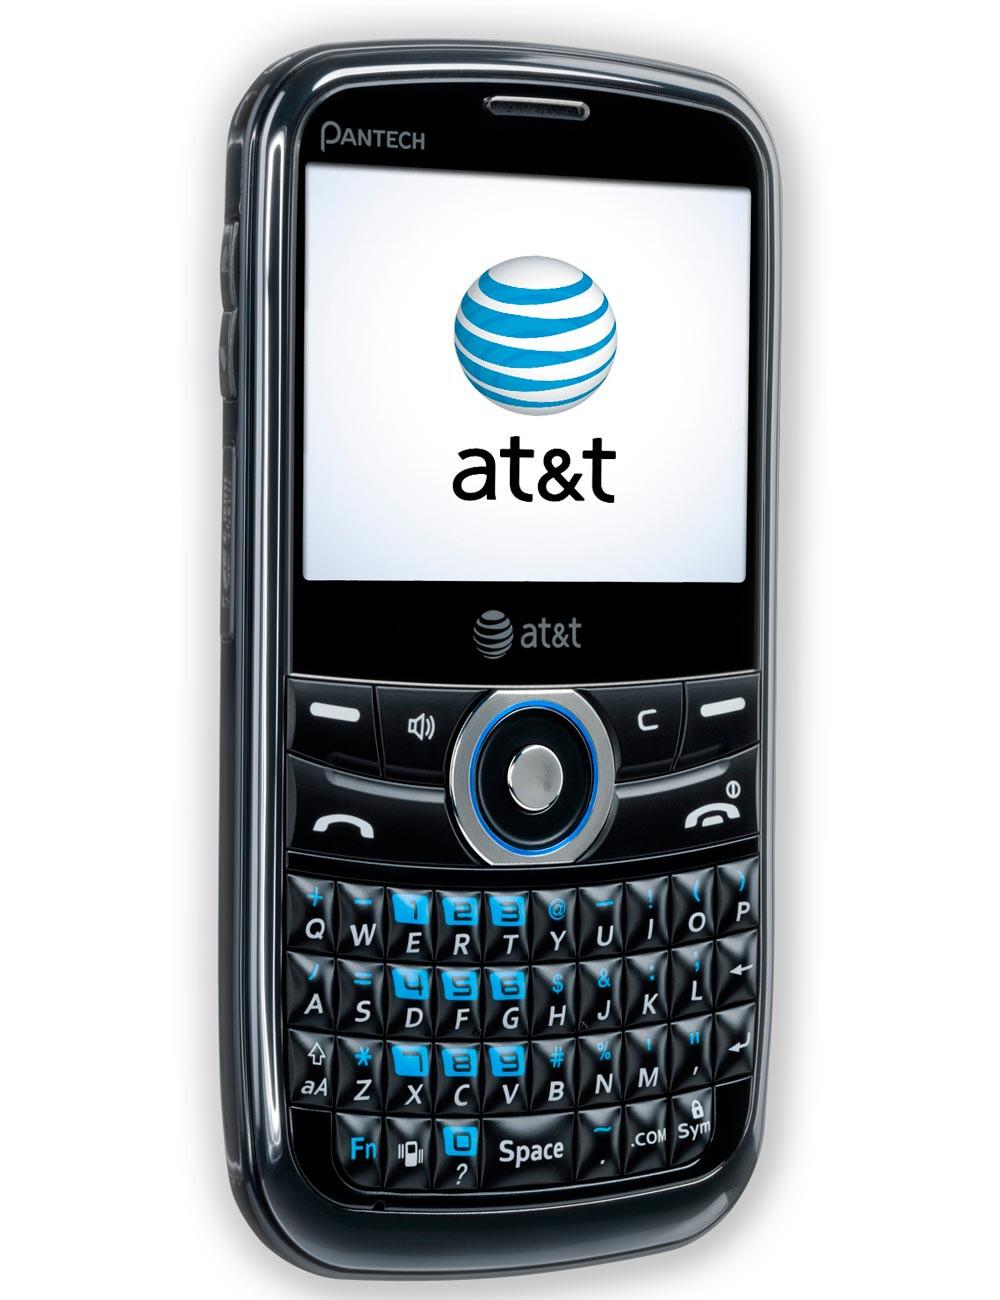 pantech link specs AT&T Pantech Burst User Manual Pantech Cell Phone User Manual